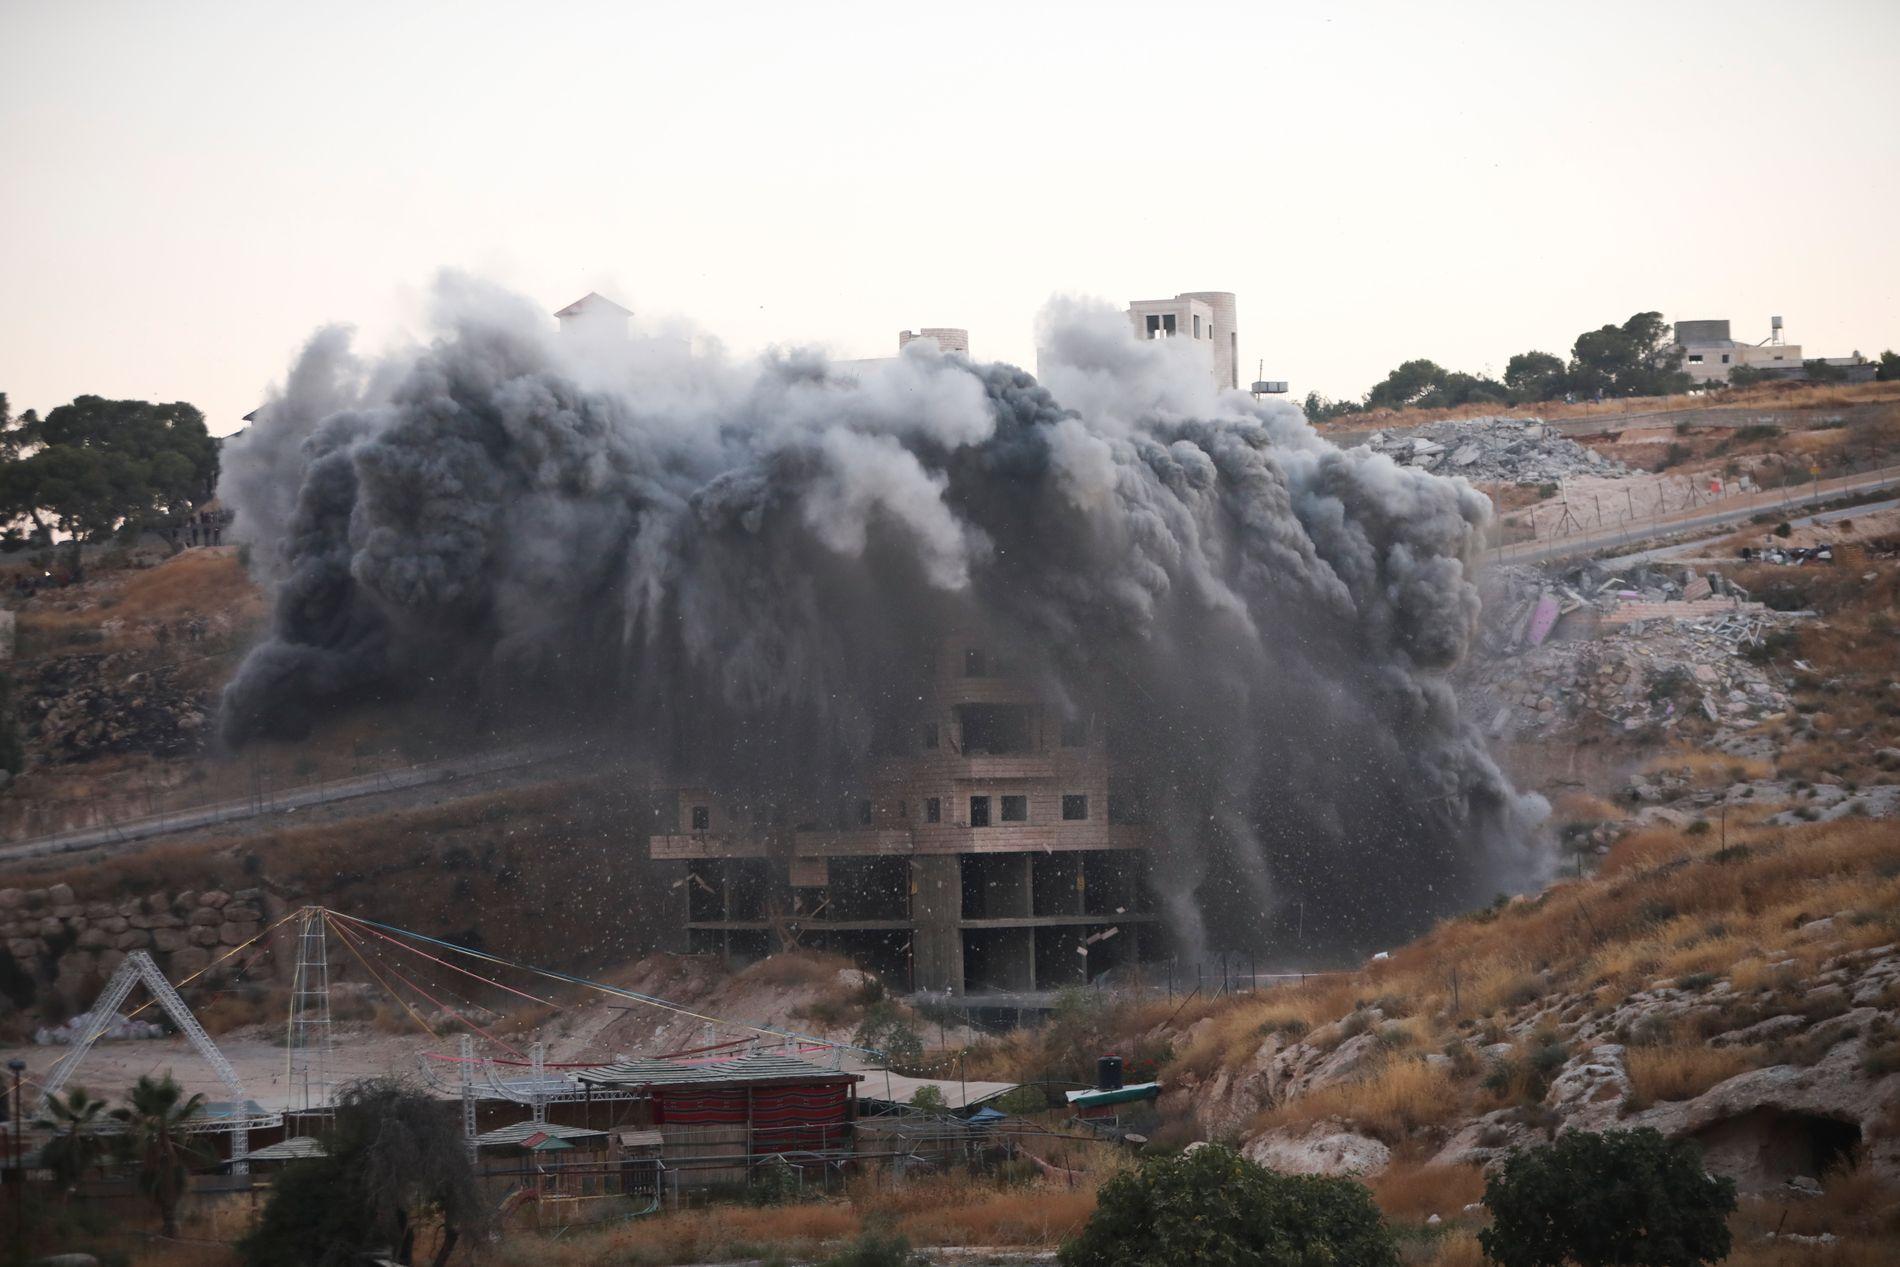 RIVINGA STARTA: Eit palestinsk bustadhus i Sur Baher, i utkanten av Israel, vert riven av israelske styresmakter. – For kvar ny busetjing og for kvar ny riving, vert freden endå mindre sannsynleg, meiner Bergens Tidende.